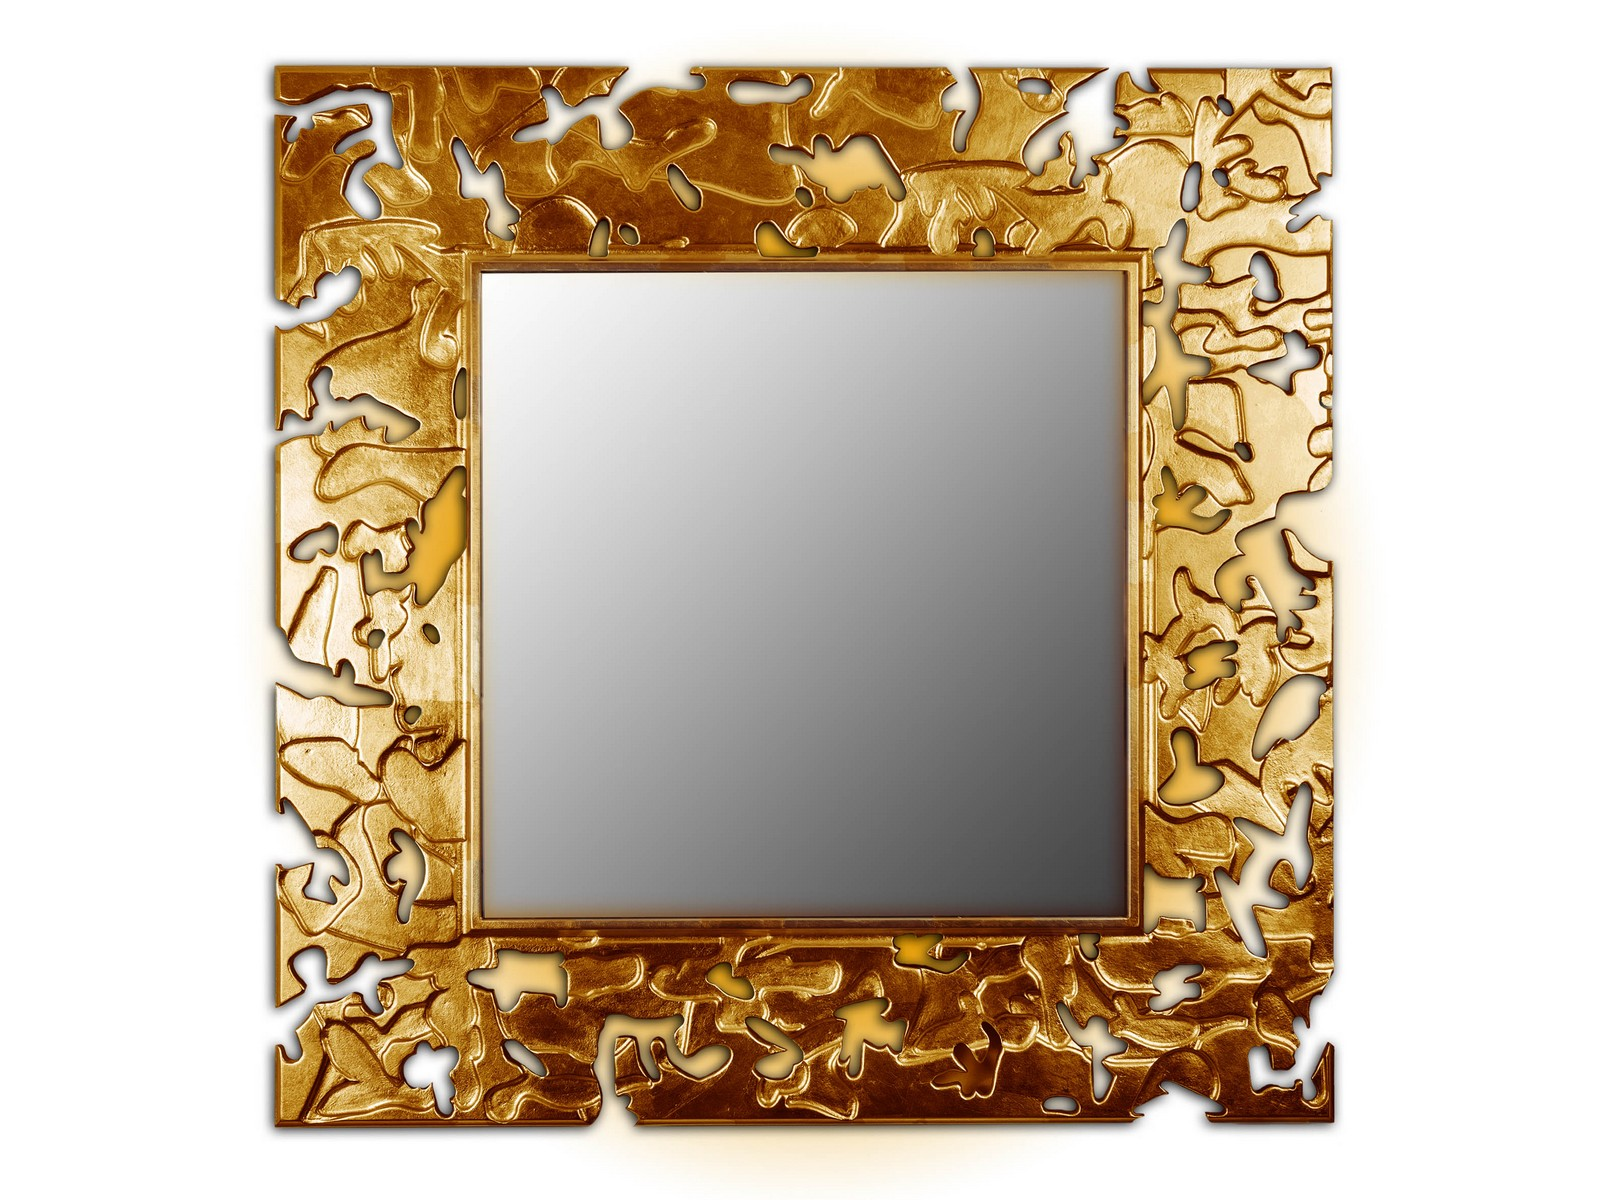 Зеркало CAMOUFLAGEНастенные зеркала<br>Данный вариант представлен в квадратной форме, цвет: бронза.&amp;lt;div&amp;gt;&amp;lt;br&amp;gt;&amp;lt;/div&amp;gt;&amp;lt;div&amp;gt;&amp;lt;p class=&amp;quot;MsoNormal&amp;quot;&amp;gt;Товарное предложение оснащено светодиодной подсветкой.&amp;lt;o:p&amp;gt;&amp;lt;/o:p&amp;gt;&amp;lt;/p&amp;gt;&amp;lt;/div&amp;gt;<br><br>Material: Дерево<br>Ширина см: 90<br>Высота см: 90